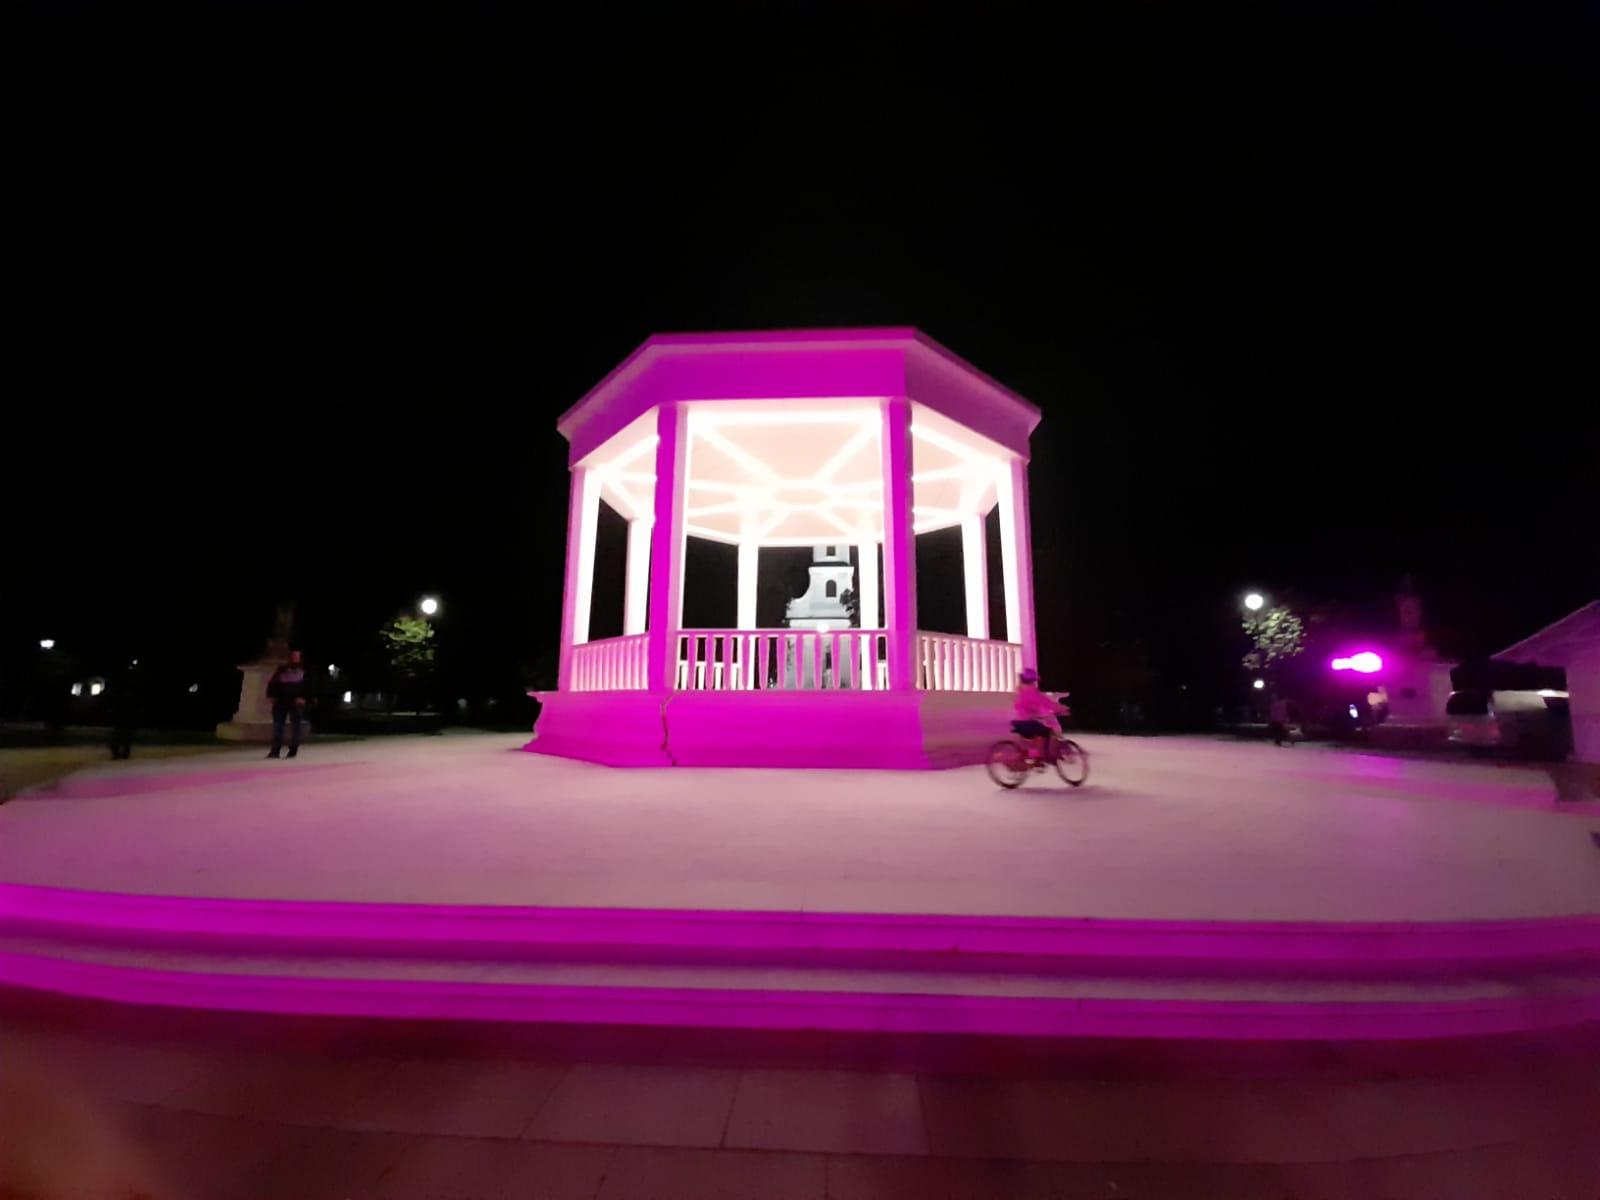 Od raka dojke u Bjelovarsko-bilogorskoj županiji godišnje oboli 70 žena